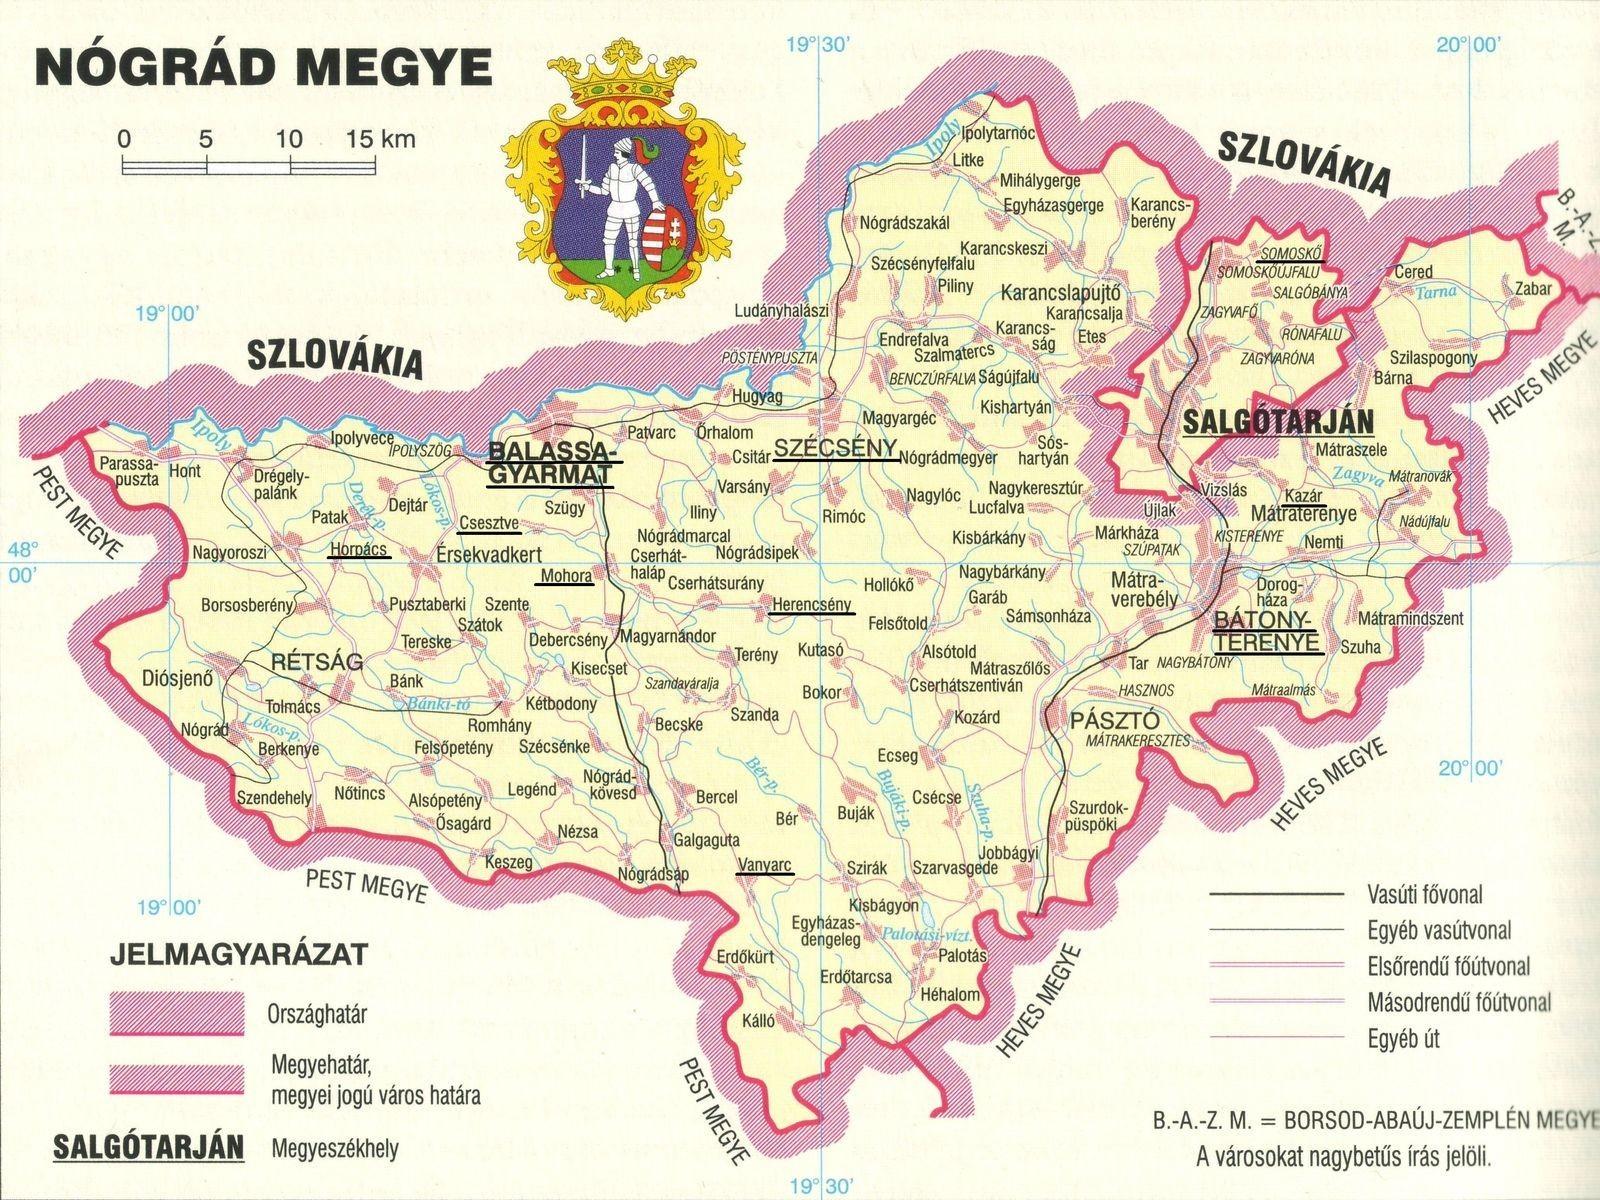 Mélyponton az álláskeresők száma Nógrád megyében